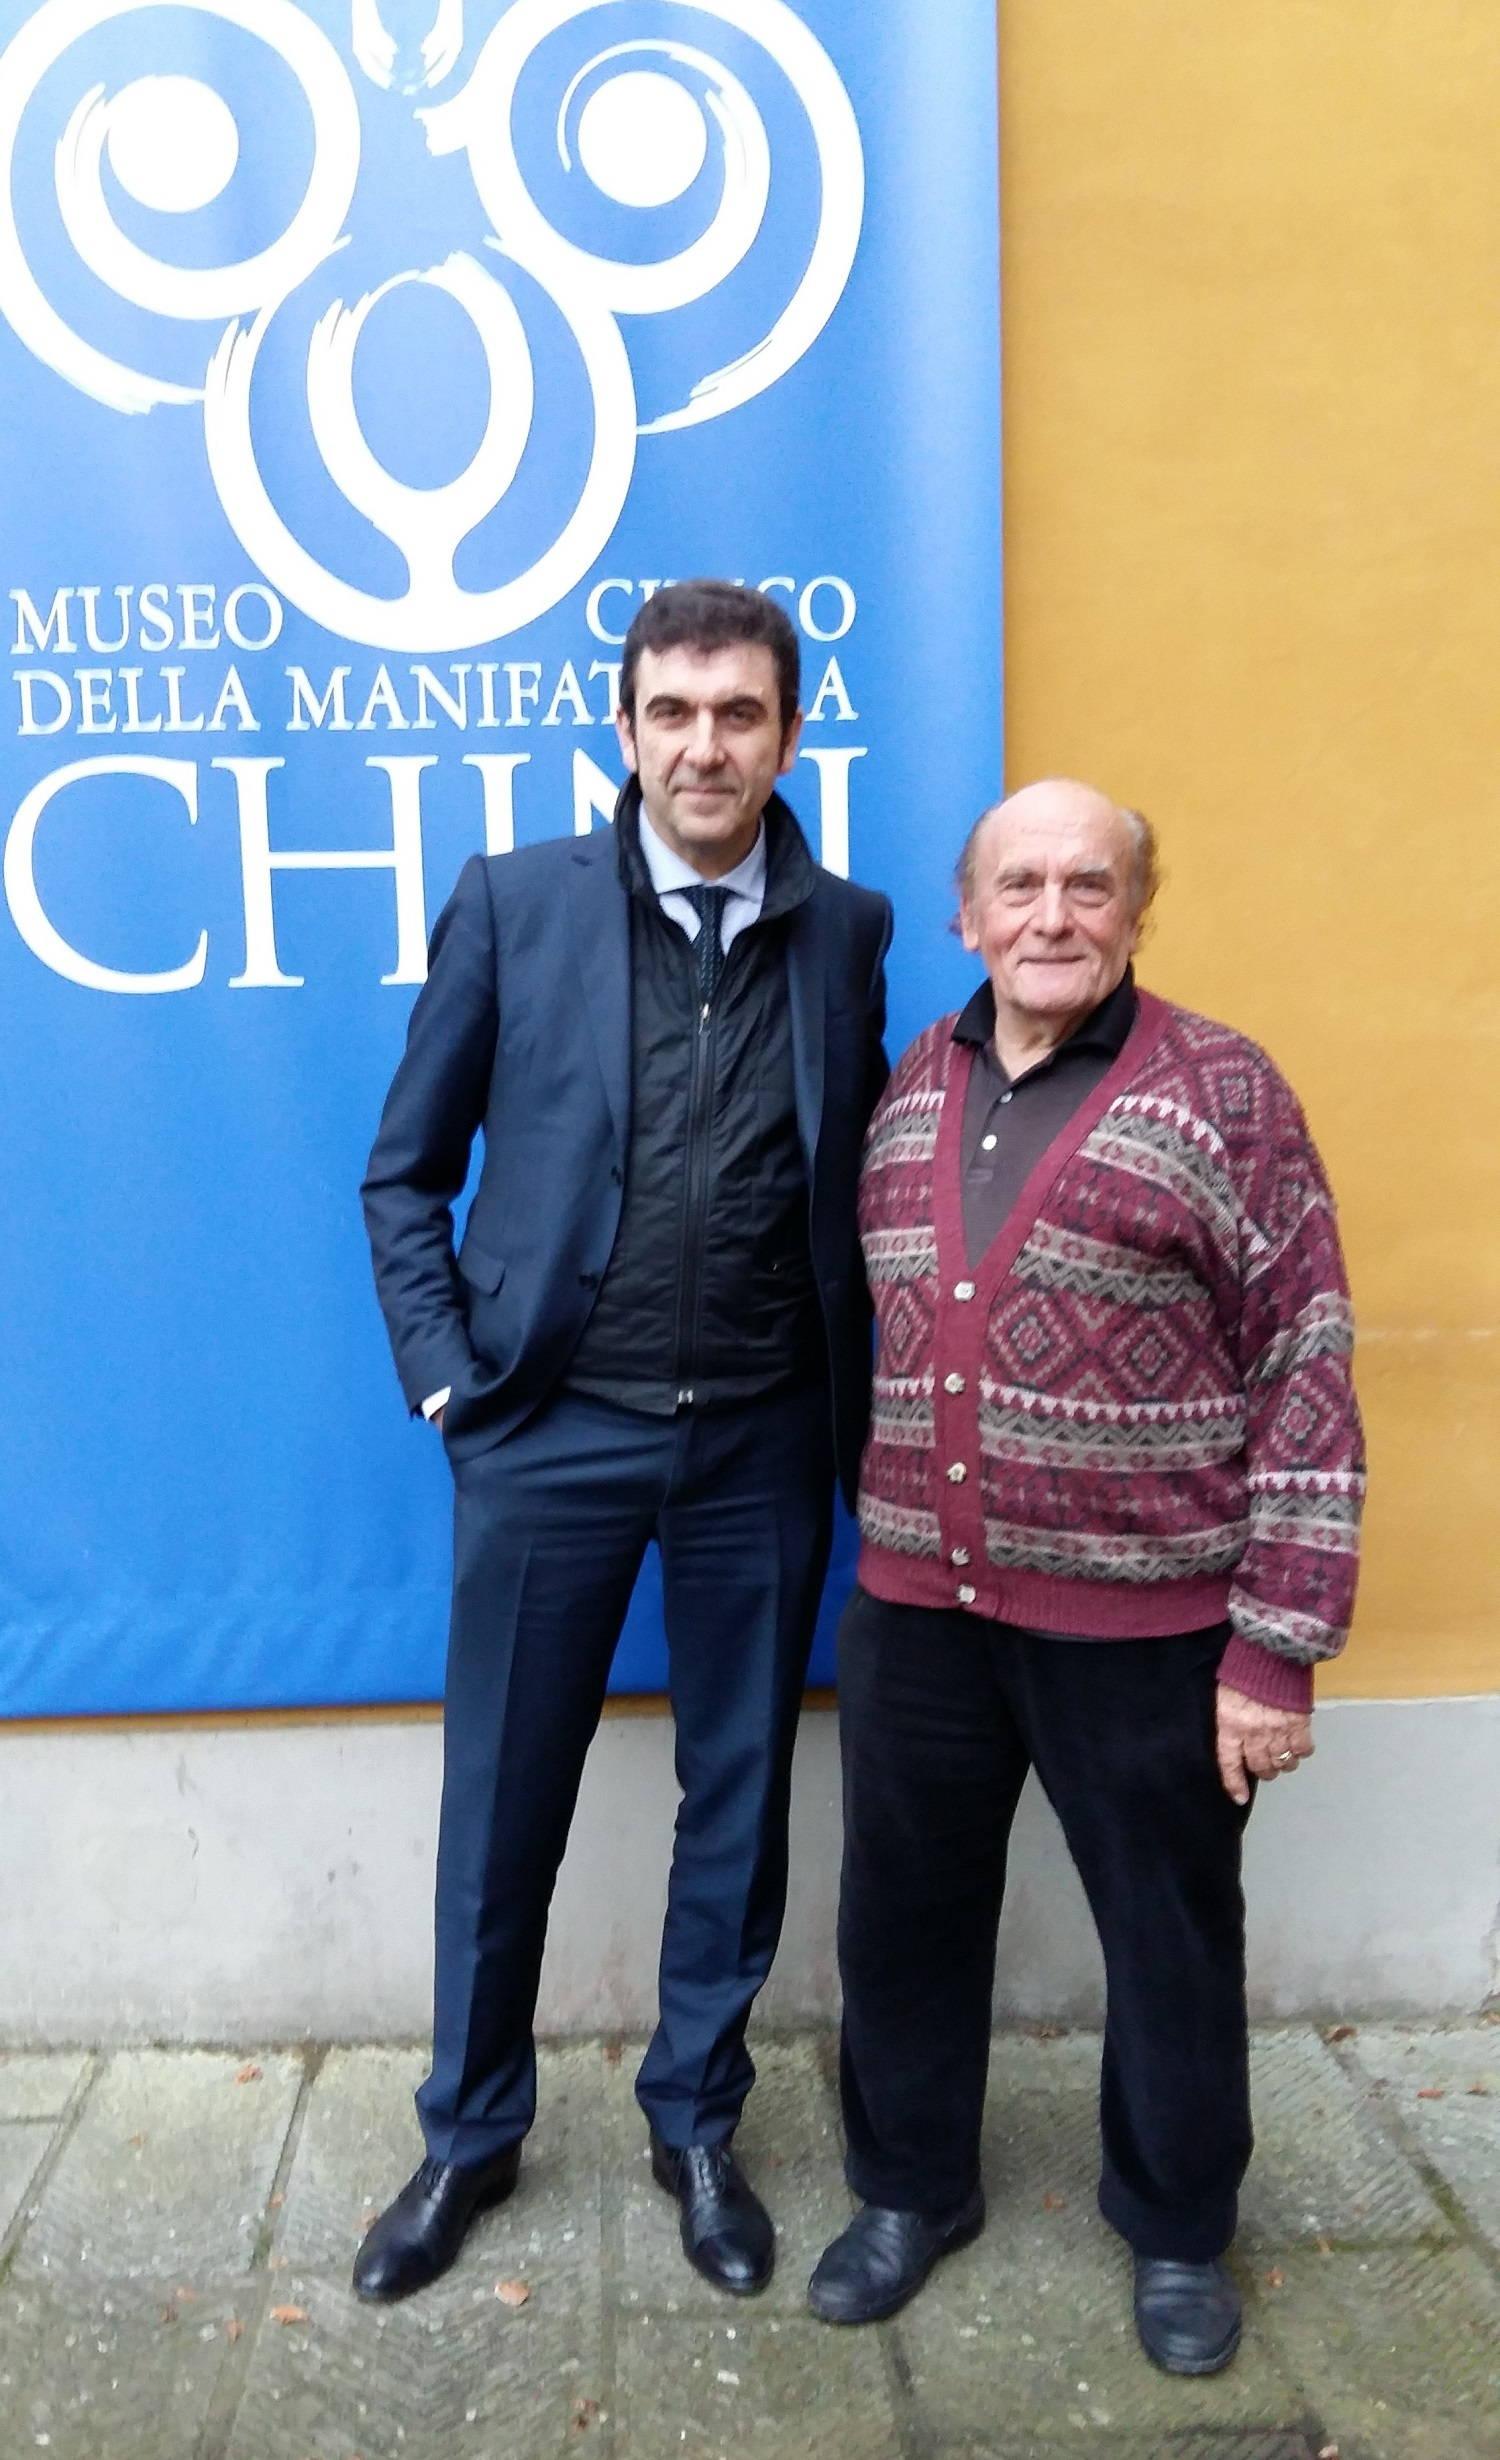 Fotografía del Presidente y CEO Graziano Verdi con el Maestro Vieri Chini : Photo © Pecchioli Ceramica Firenze